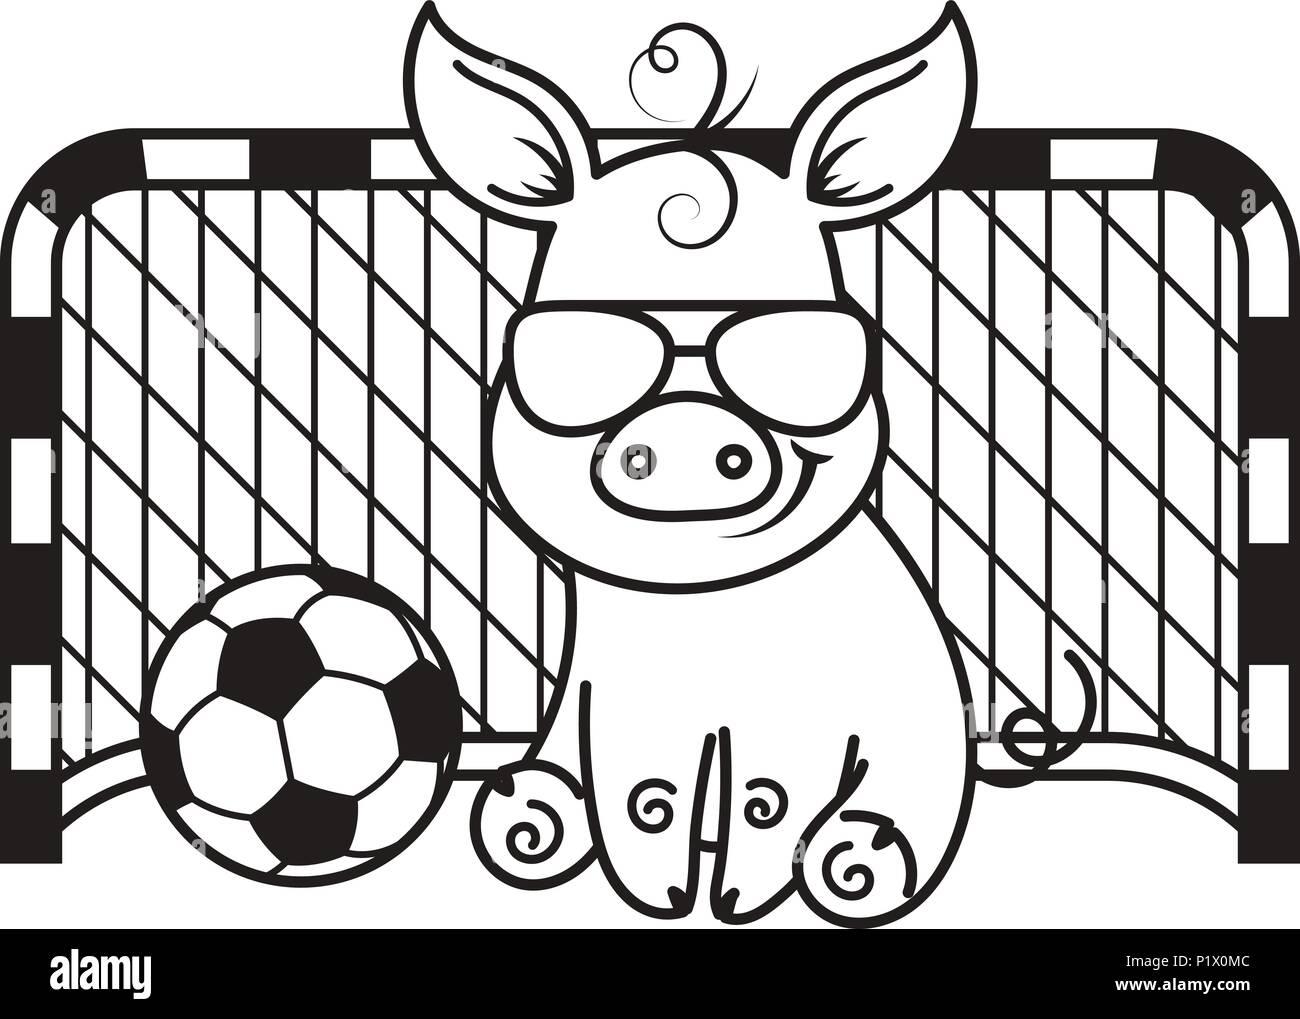 Cute Dibujos Animados De Cerdo Con Una Pelota De Fútbol Ilustración